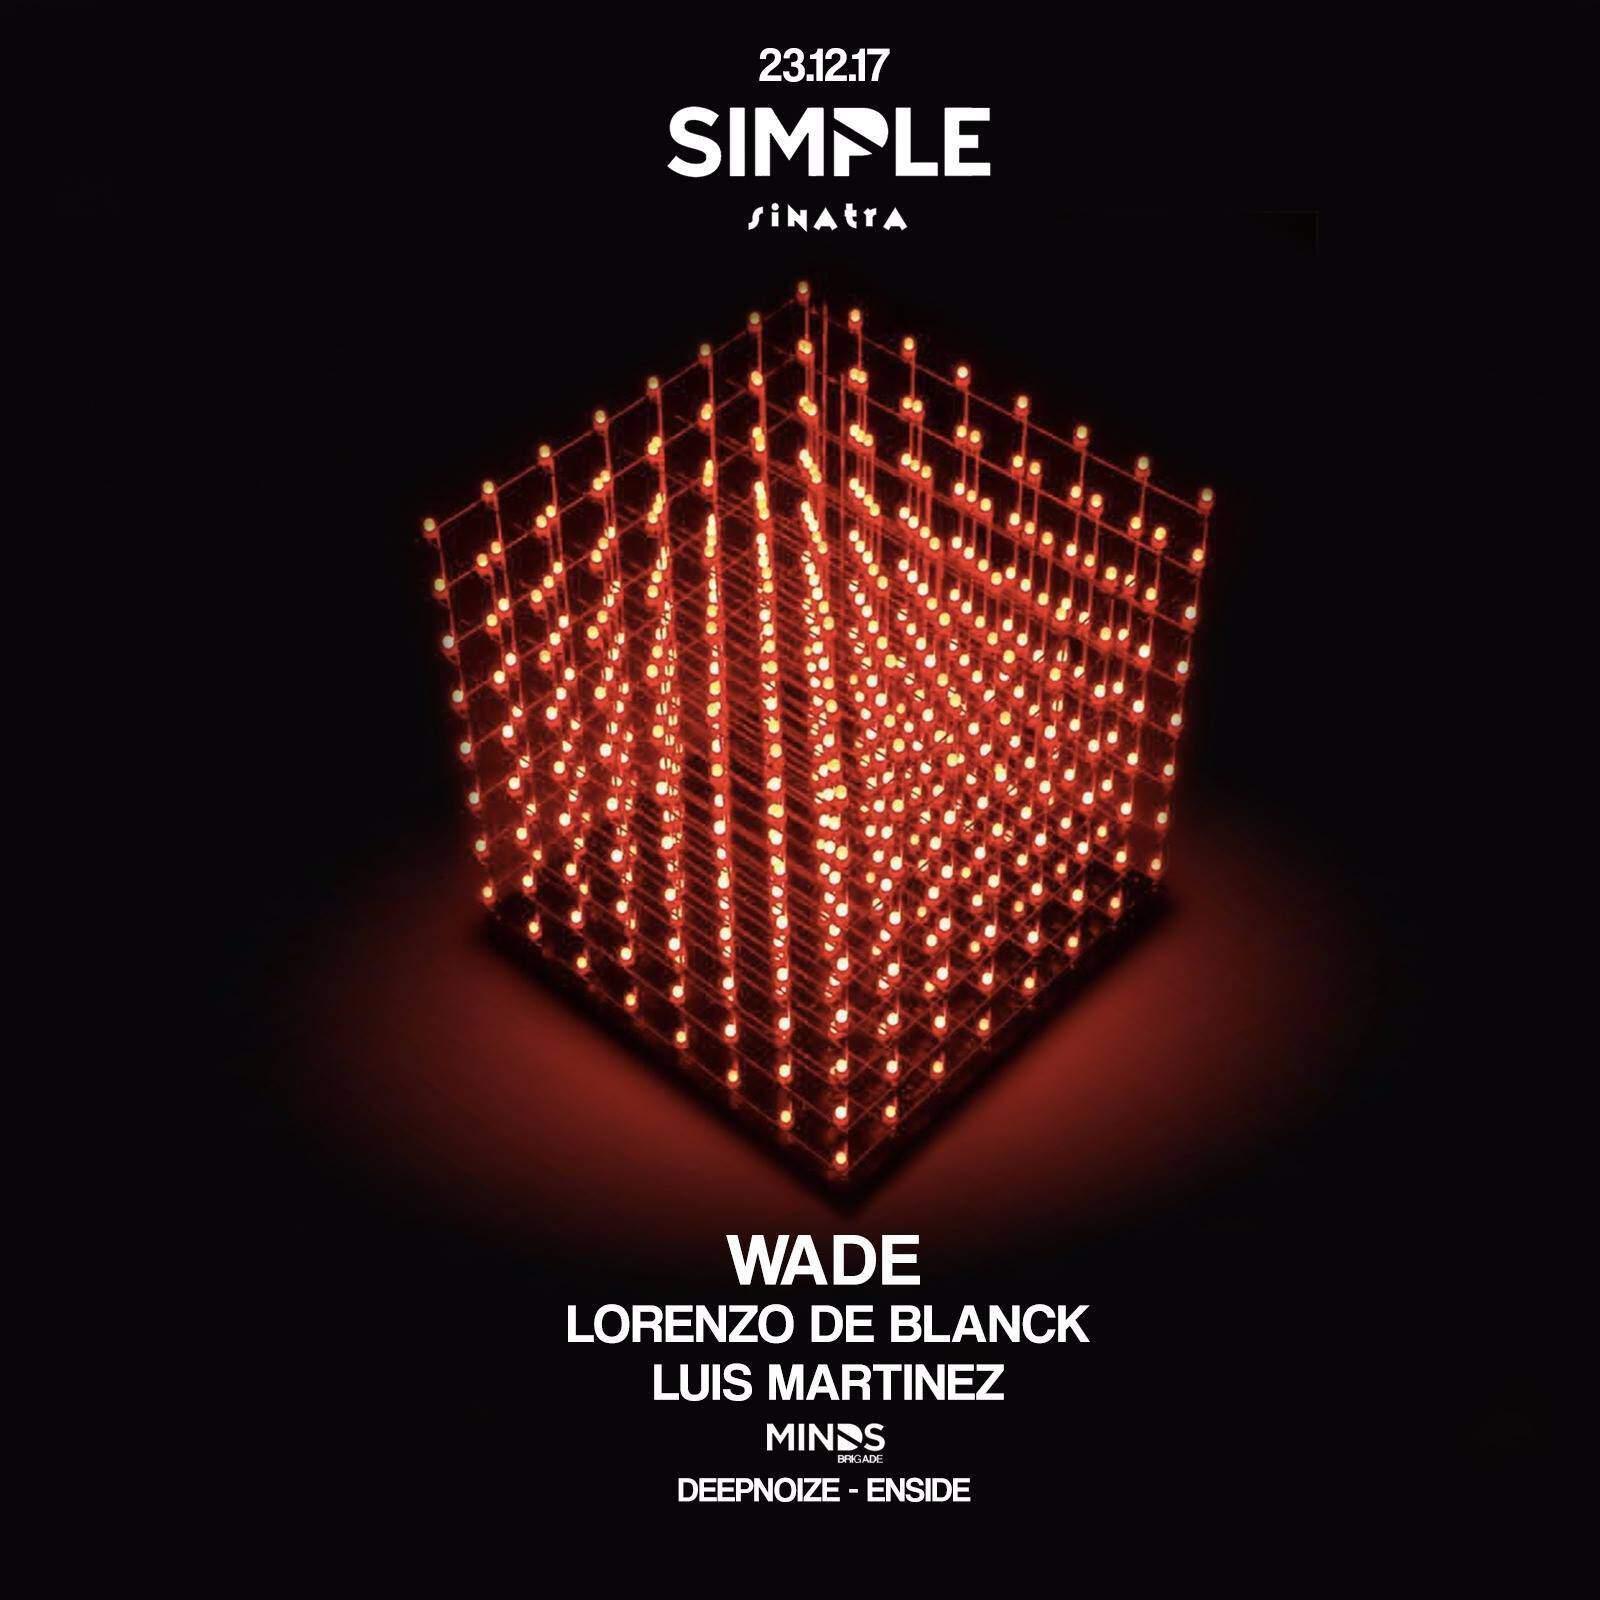 wade_simple_party_sinatra_club_ferrara